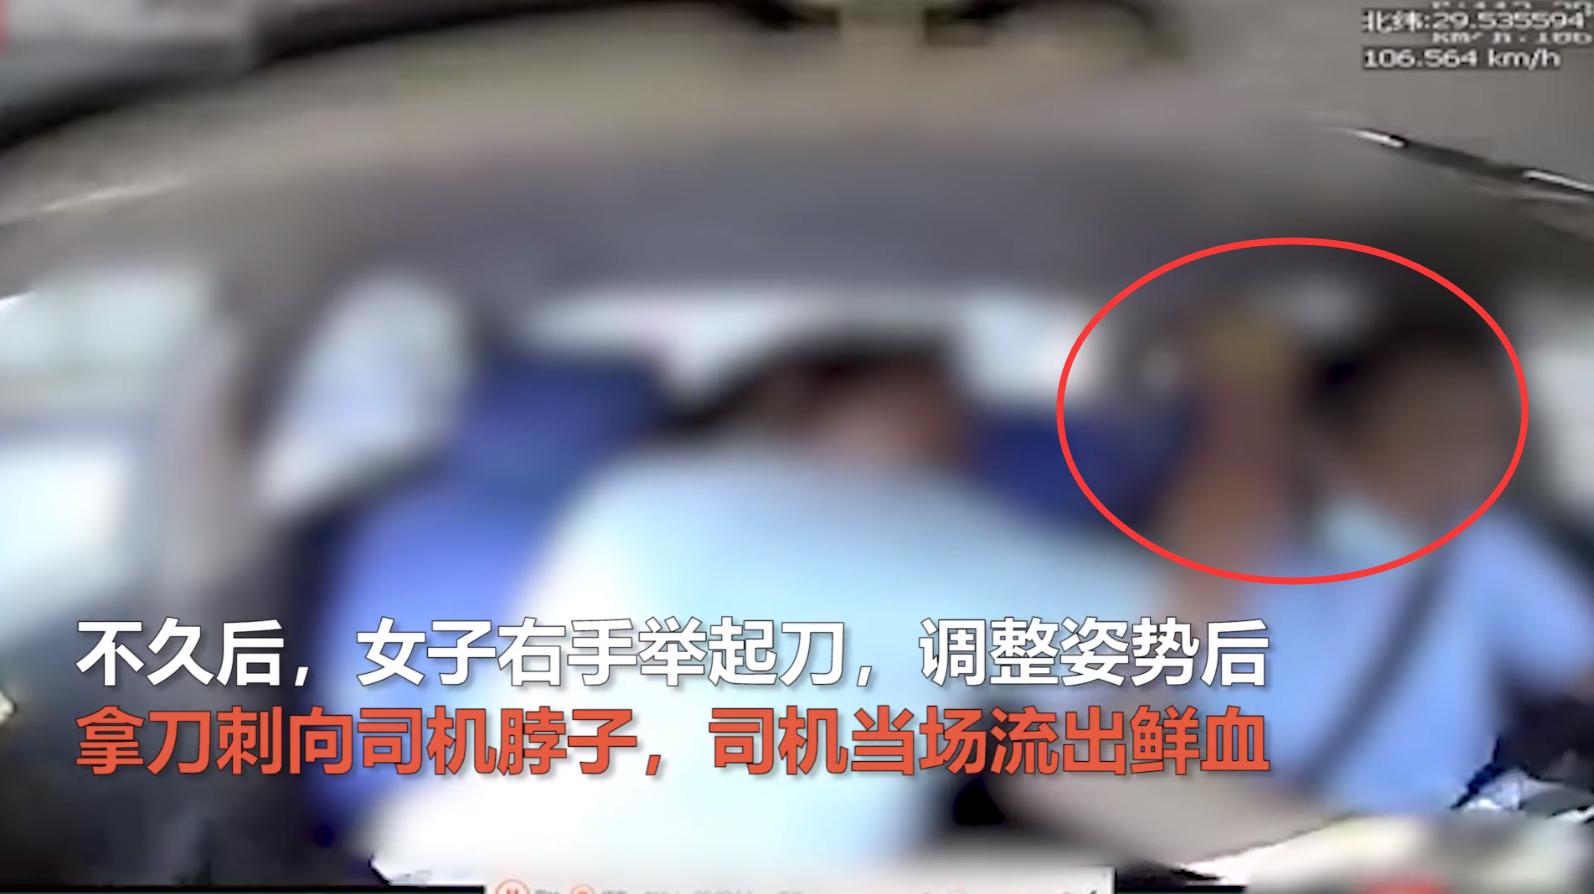 湖南岳阳一女子高速上持刀刺向司机颈部!连扎数次后,司机停车制止,警方:伤者暂无生命危险,女乘客被控制